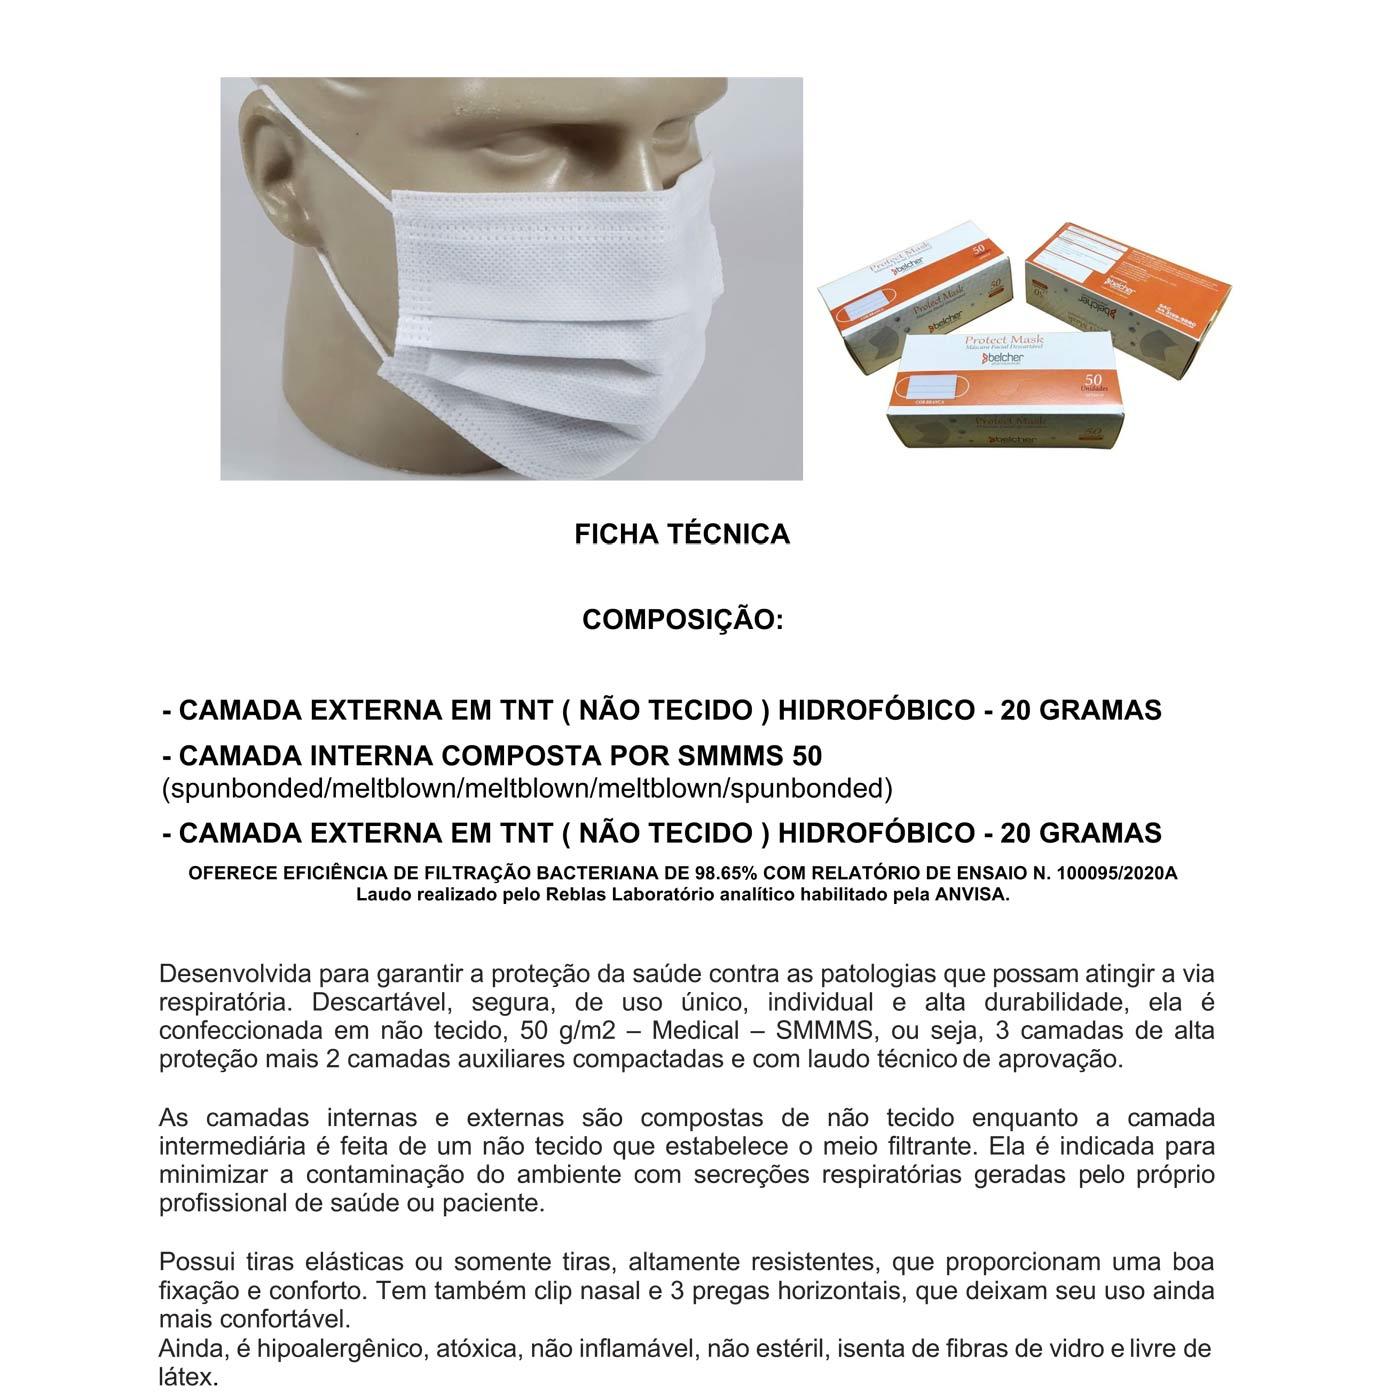 Proteção Cirúrgica Descartável Três Camadas SMMMS-50 TNT - 2 Caixas 100 unidades  - Testes Para Drogas e COVID-19. Máscaras e Como Parar de Beber e Fumar